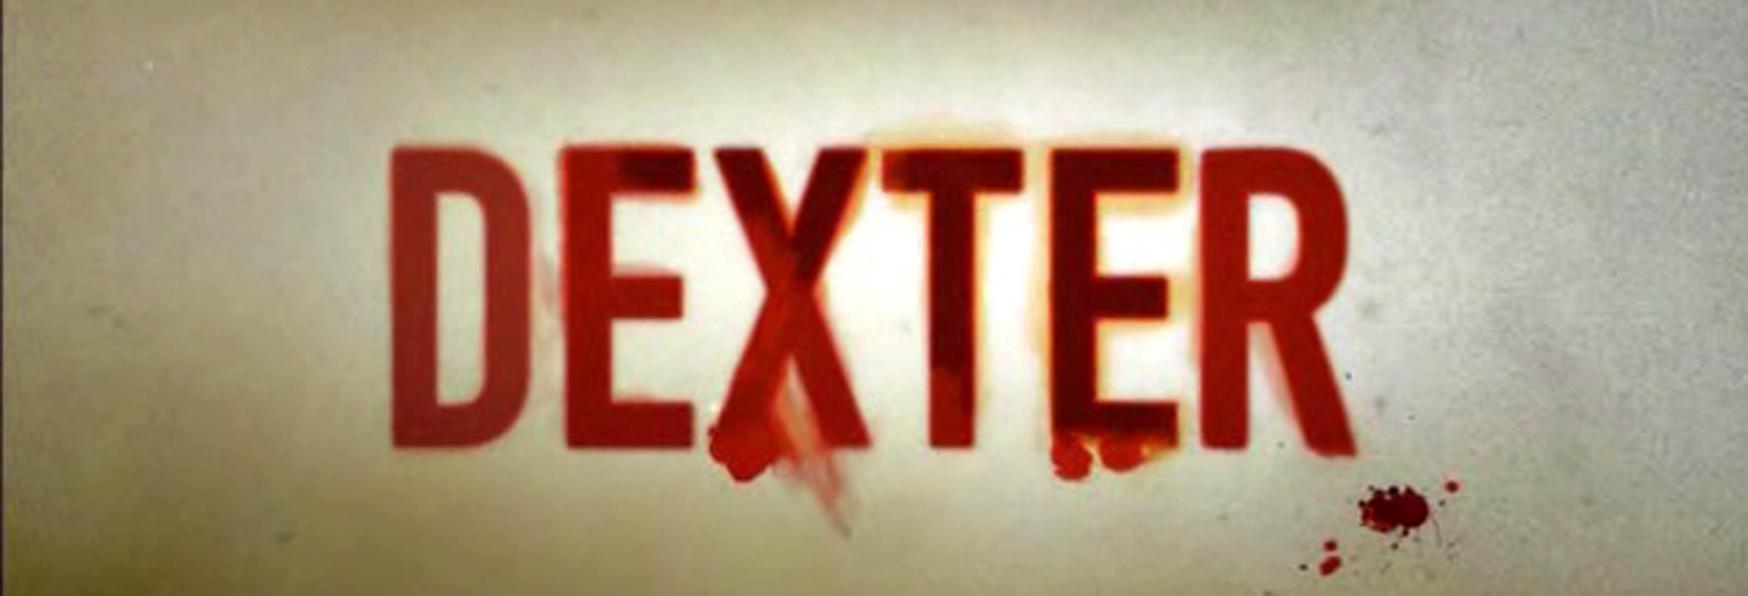 Dexter: nell'inedito Revival, il Protagonista avrà un altro Nome. Ecco quale!